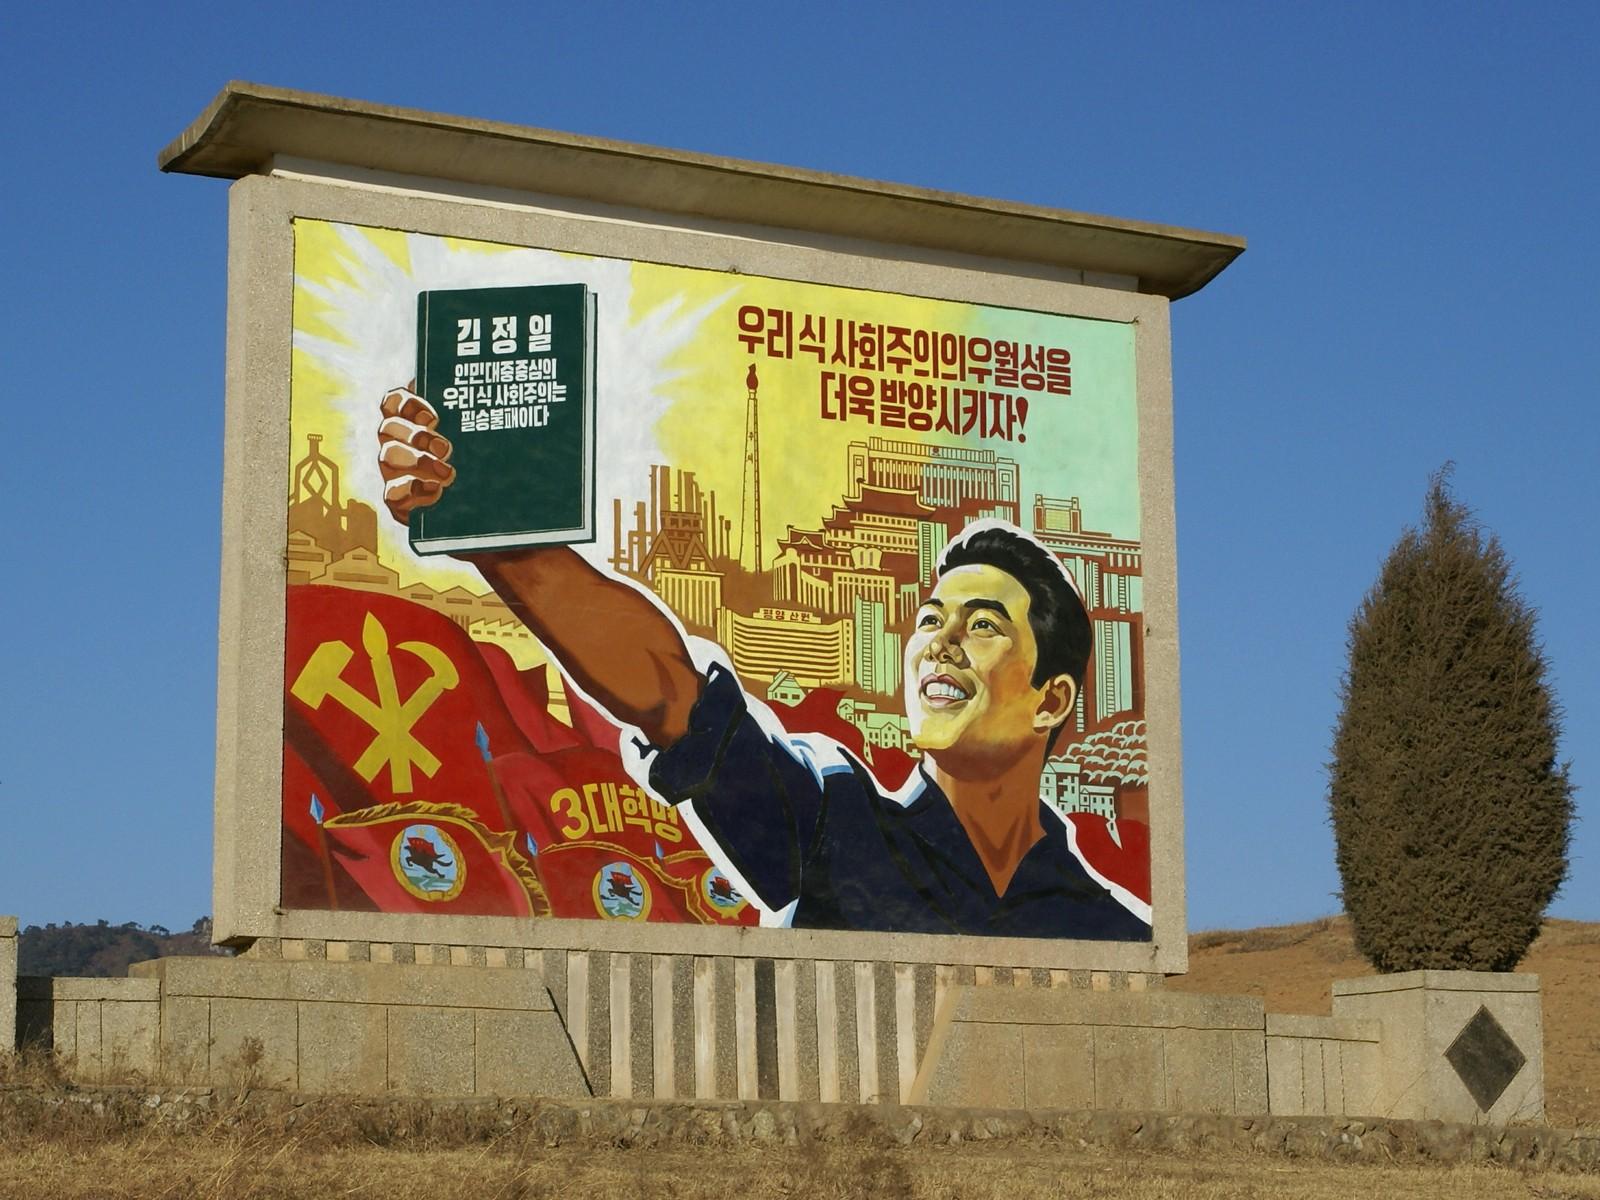 Propaganda wall, Jongju